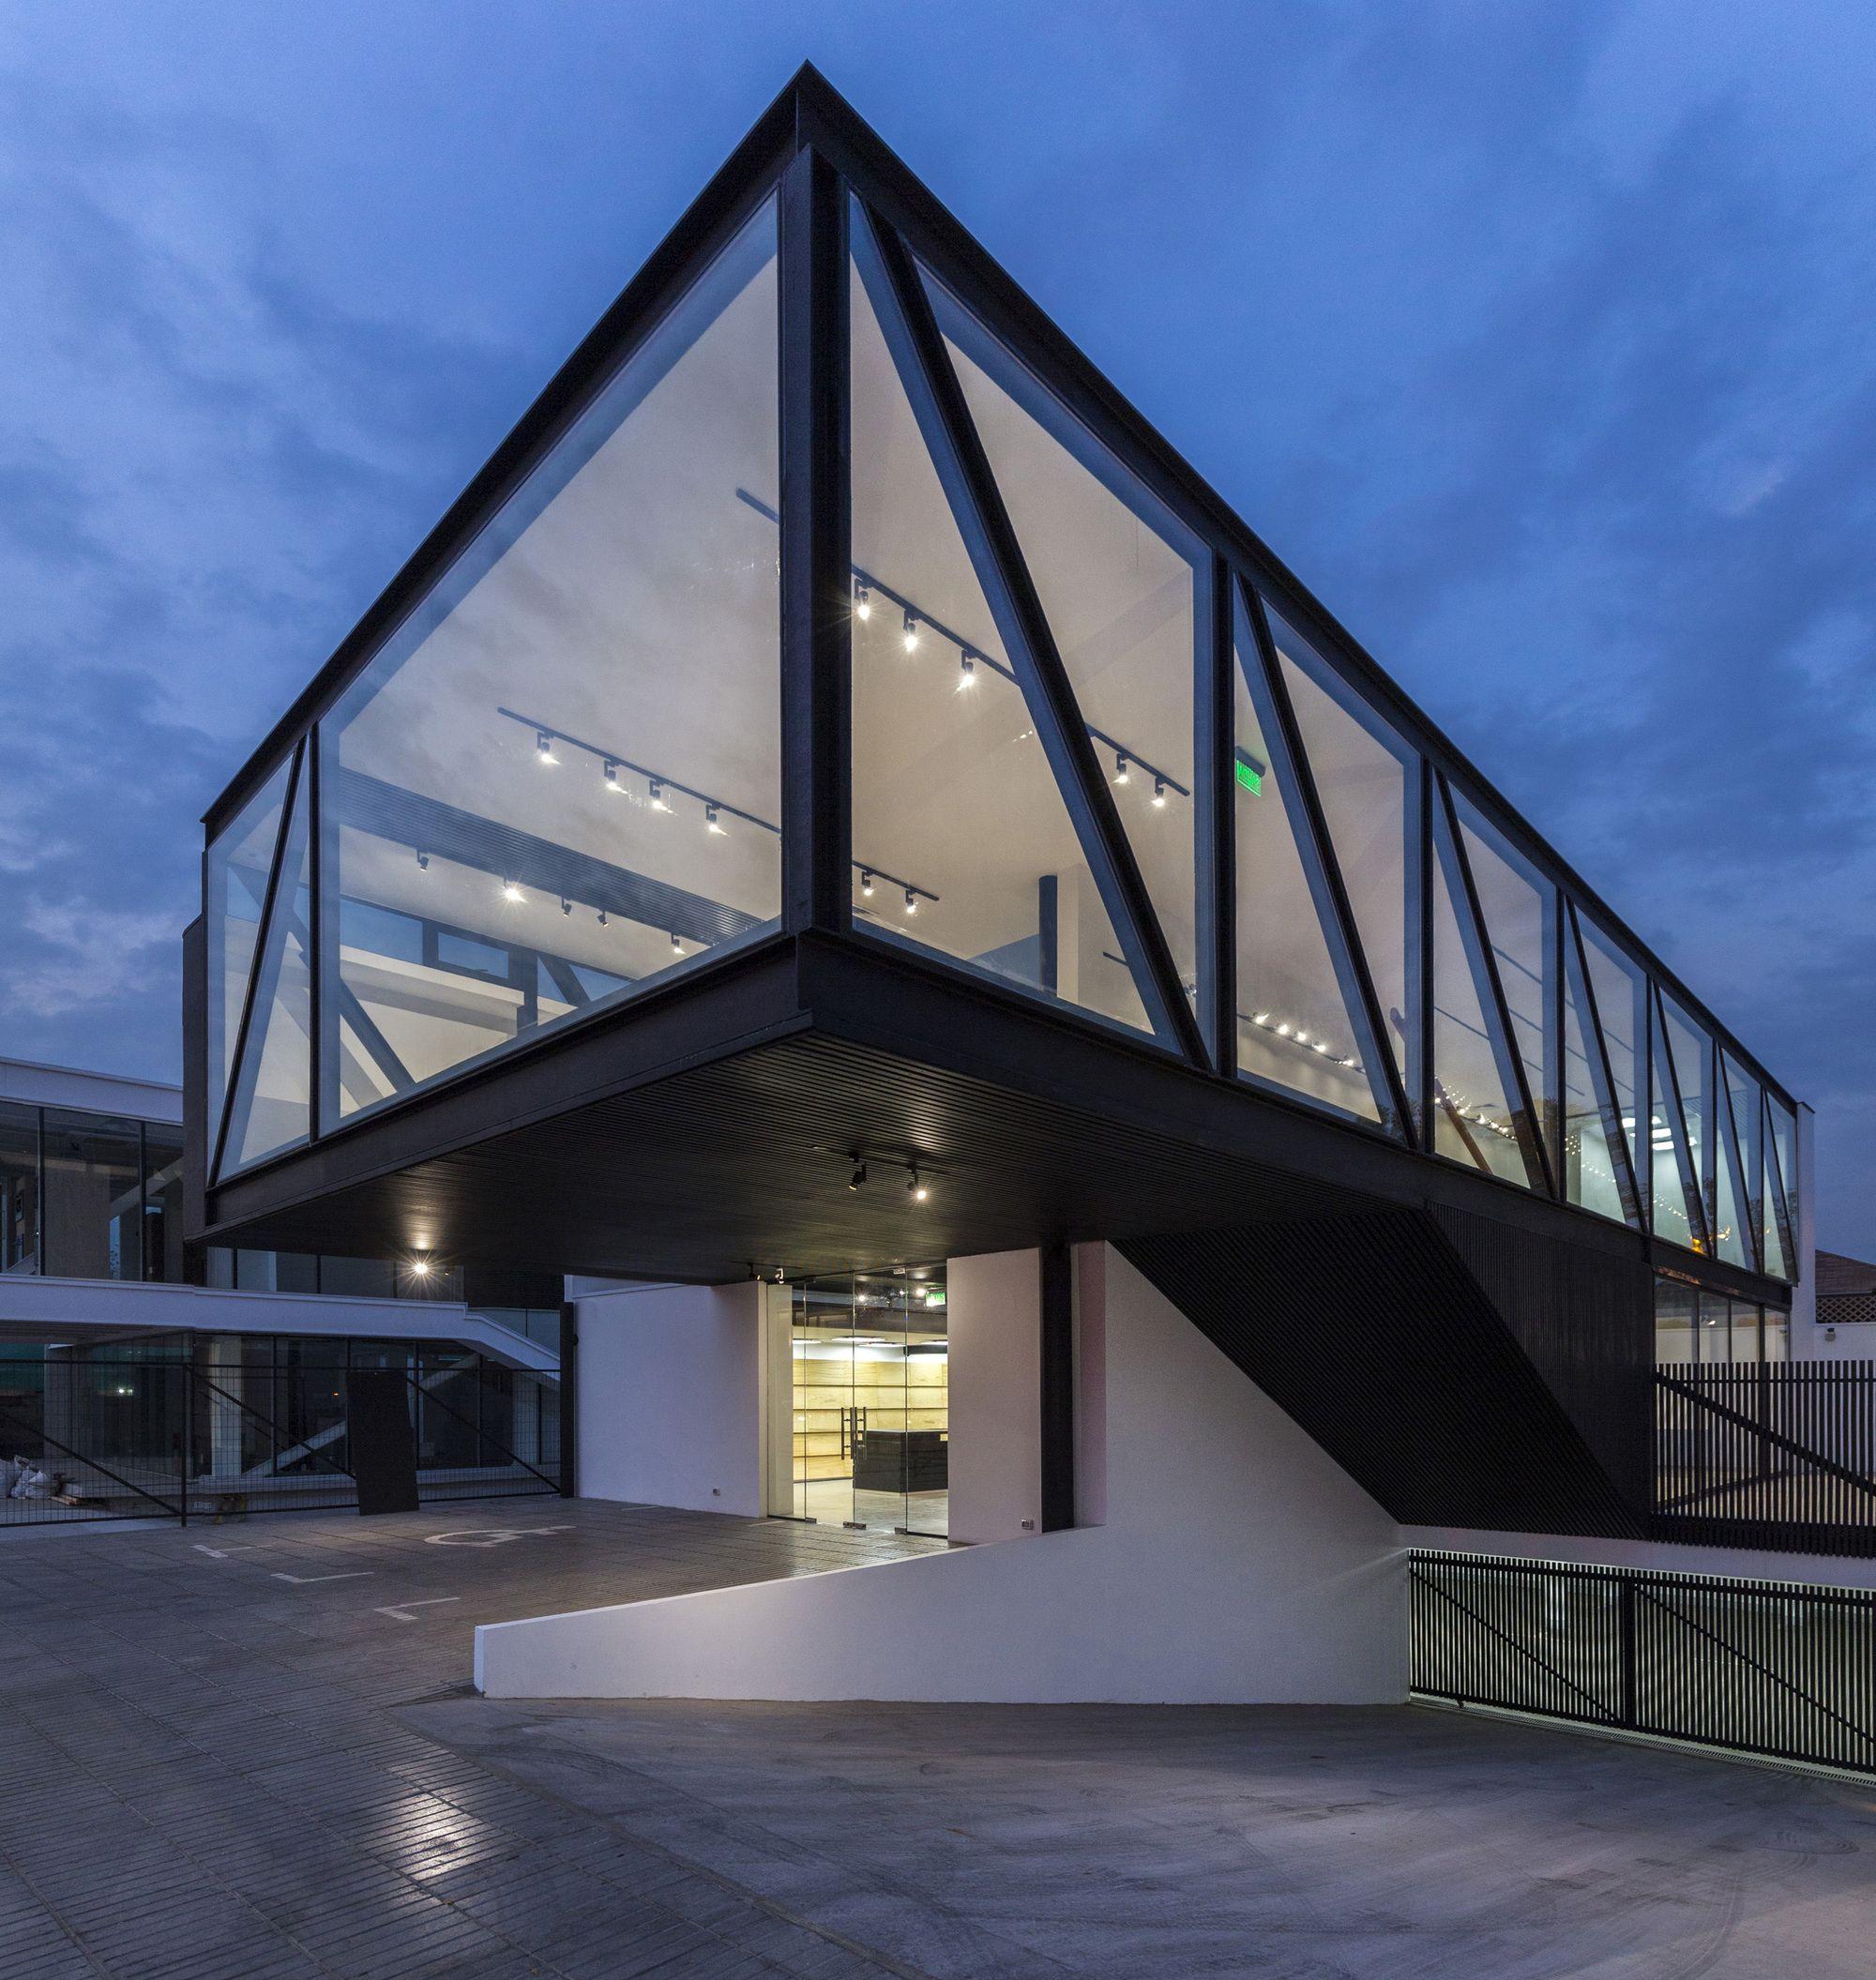 Construido En 2016 En Vitacura, Chile Imagenes Por Marcos Mendiz